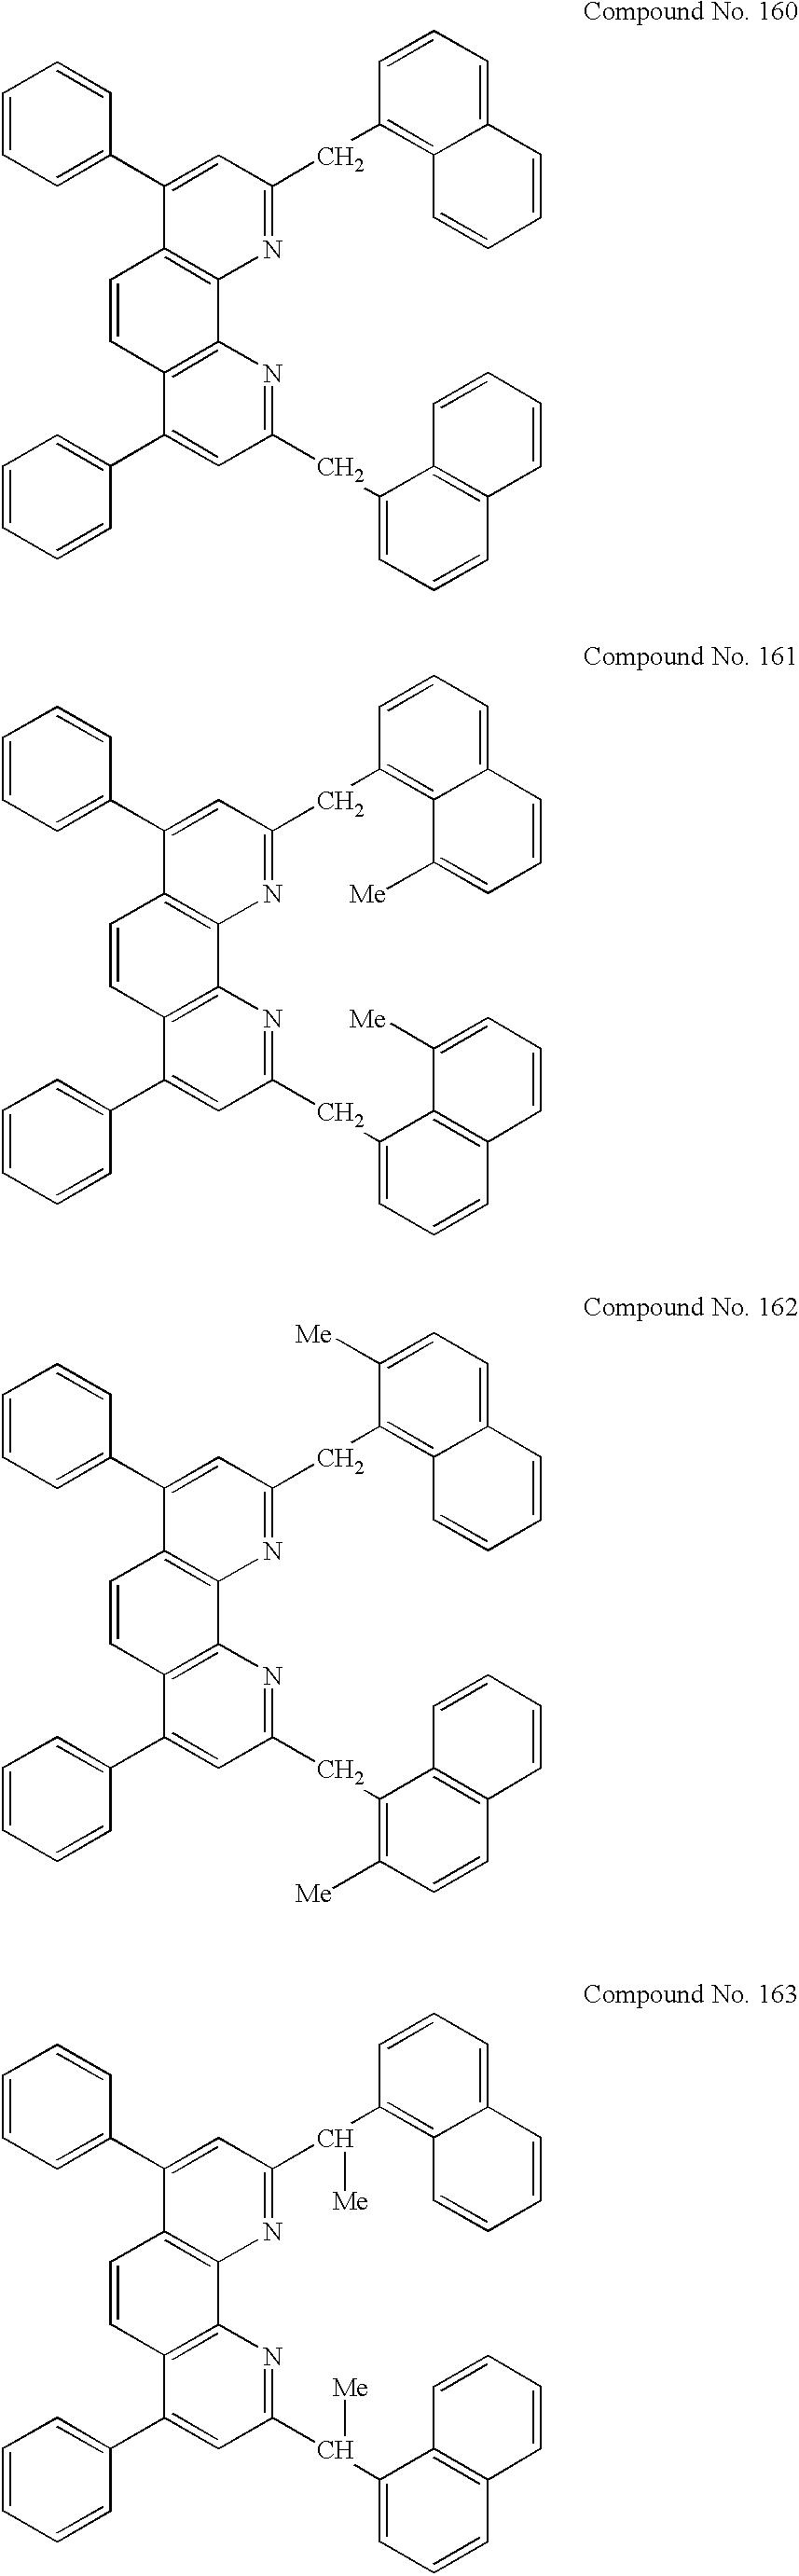 Figure US06524728-20030225-C00049